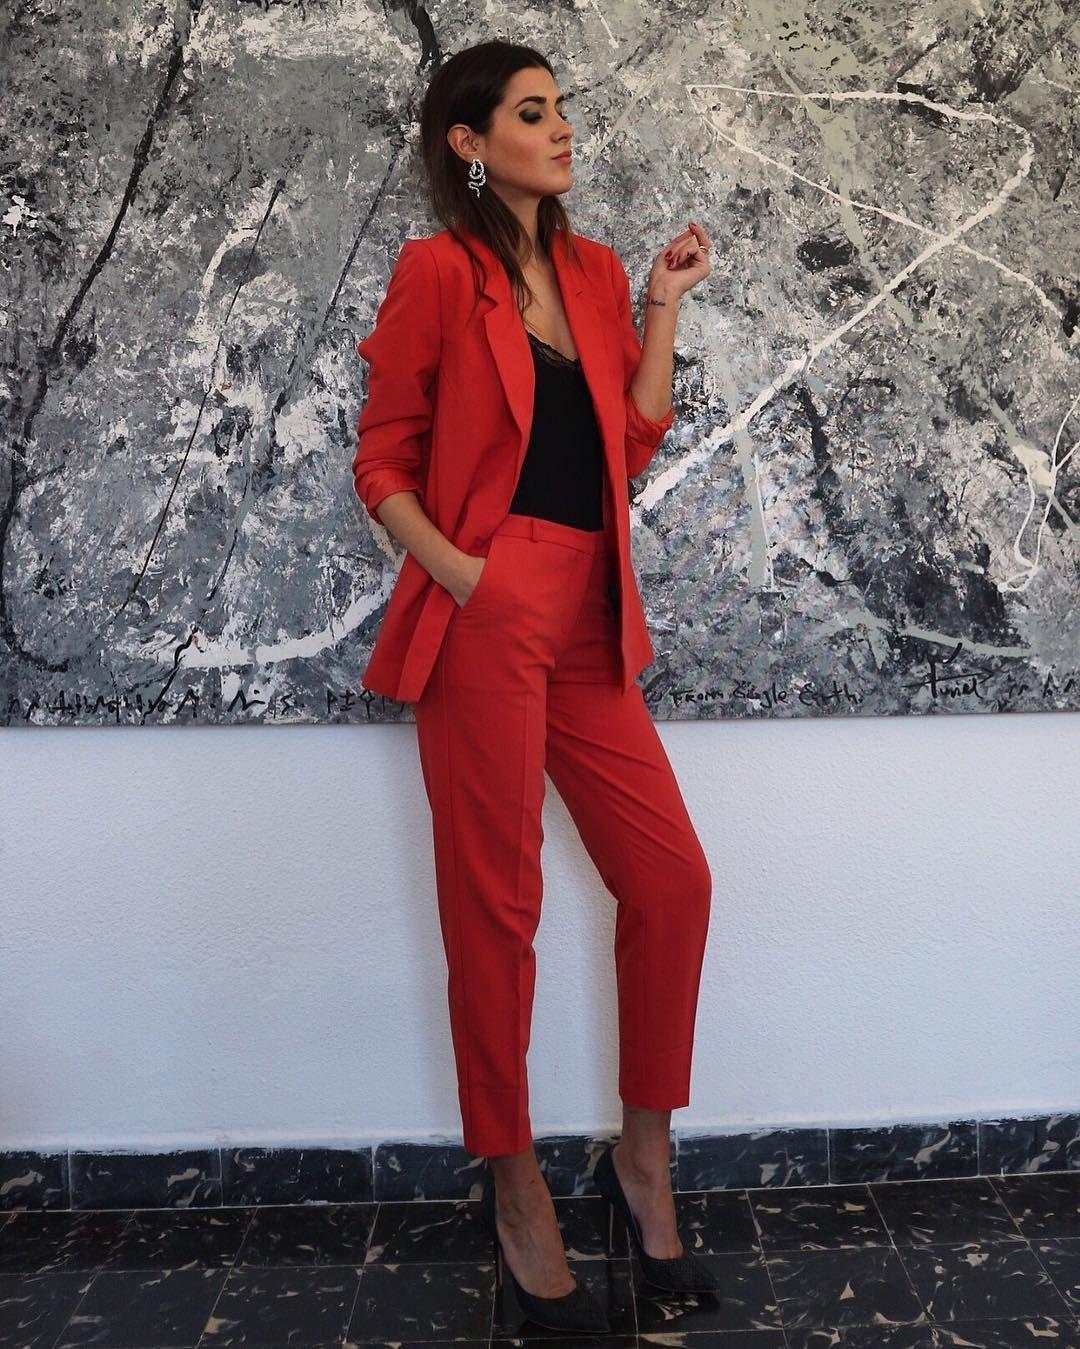 Y En Pin Denim Fashion Fashion De Outfits Week Victoria C aaf8vq